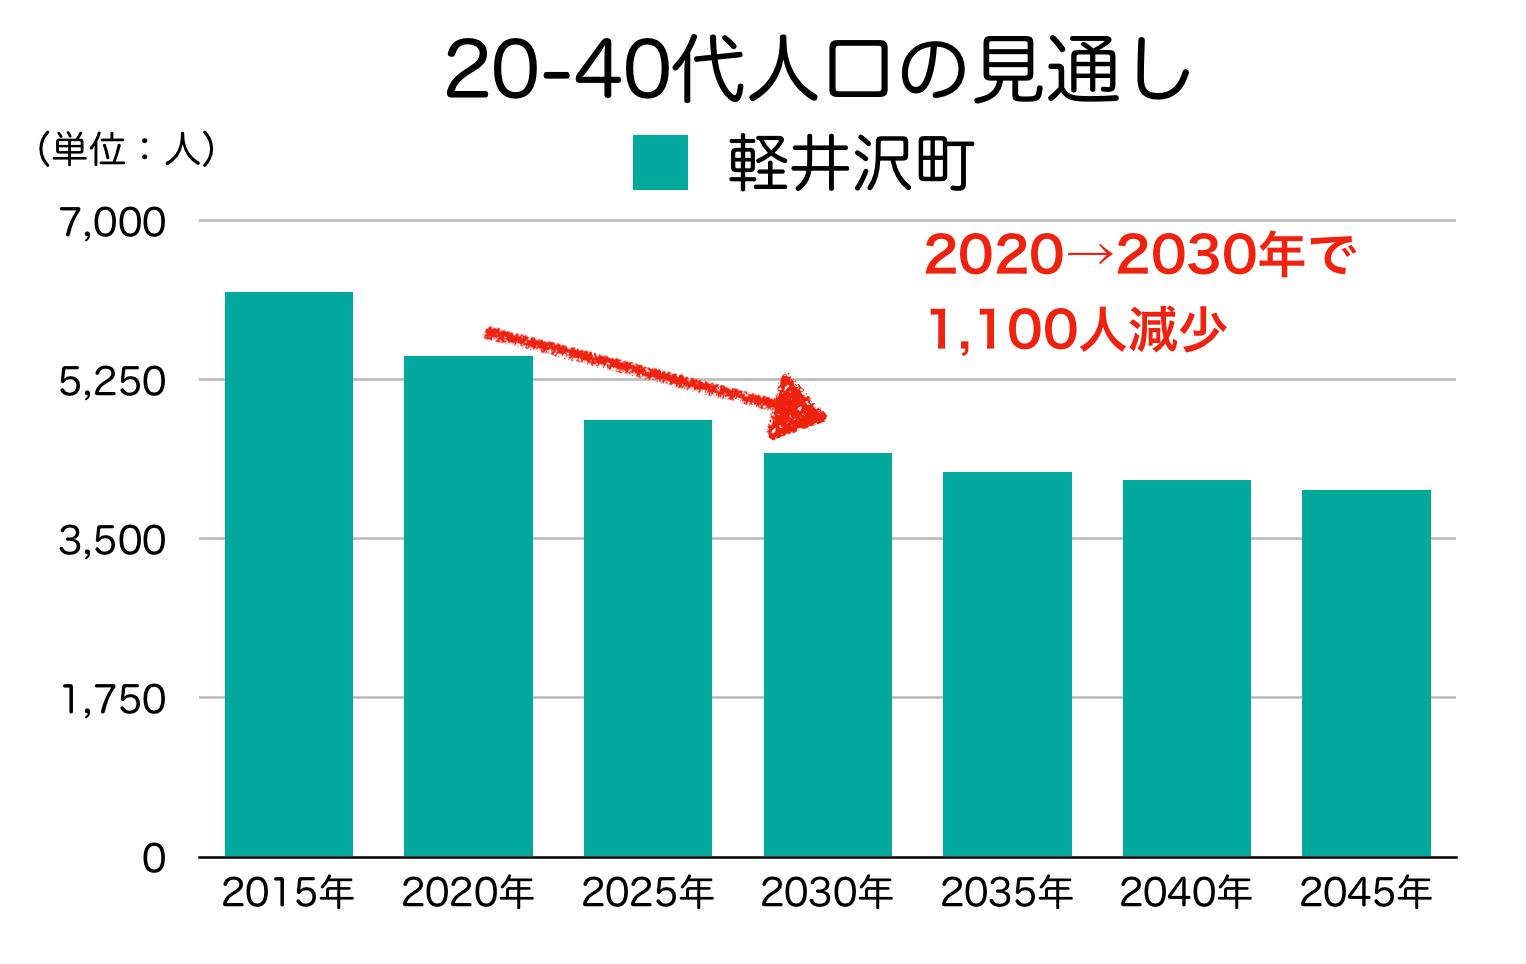 軽井沢町の20〜40代人口の予測